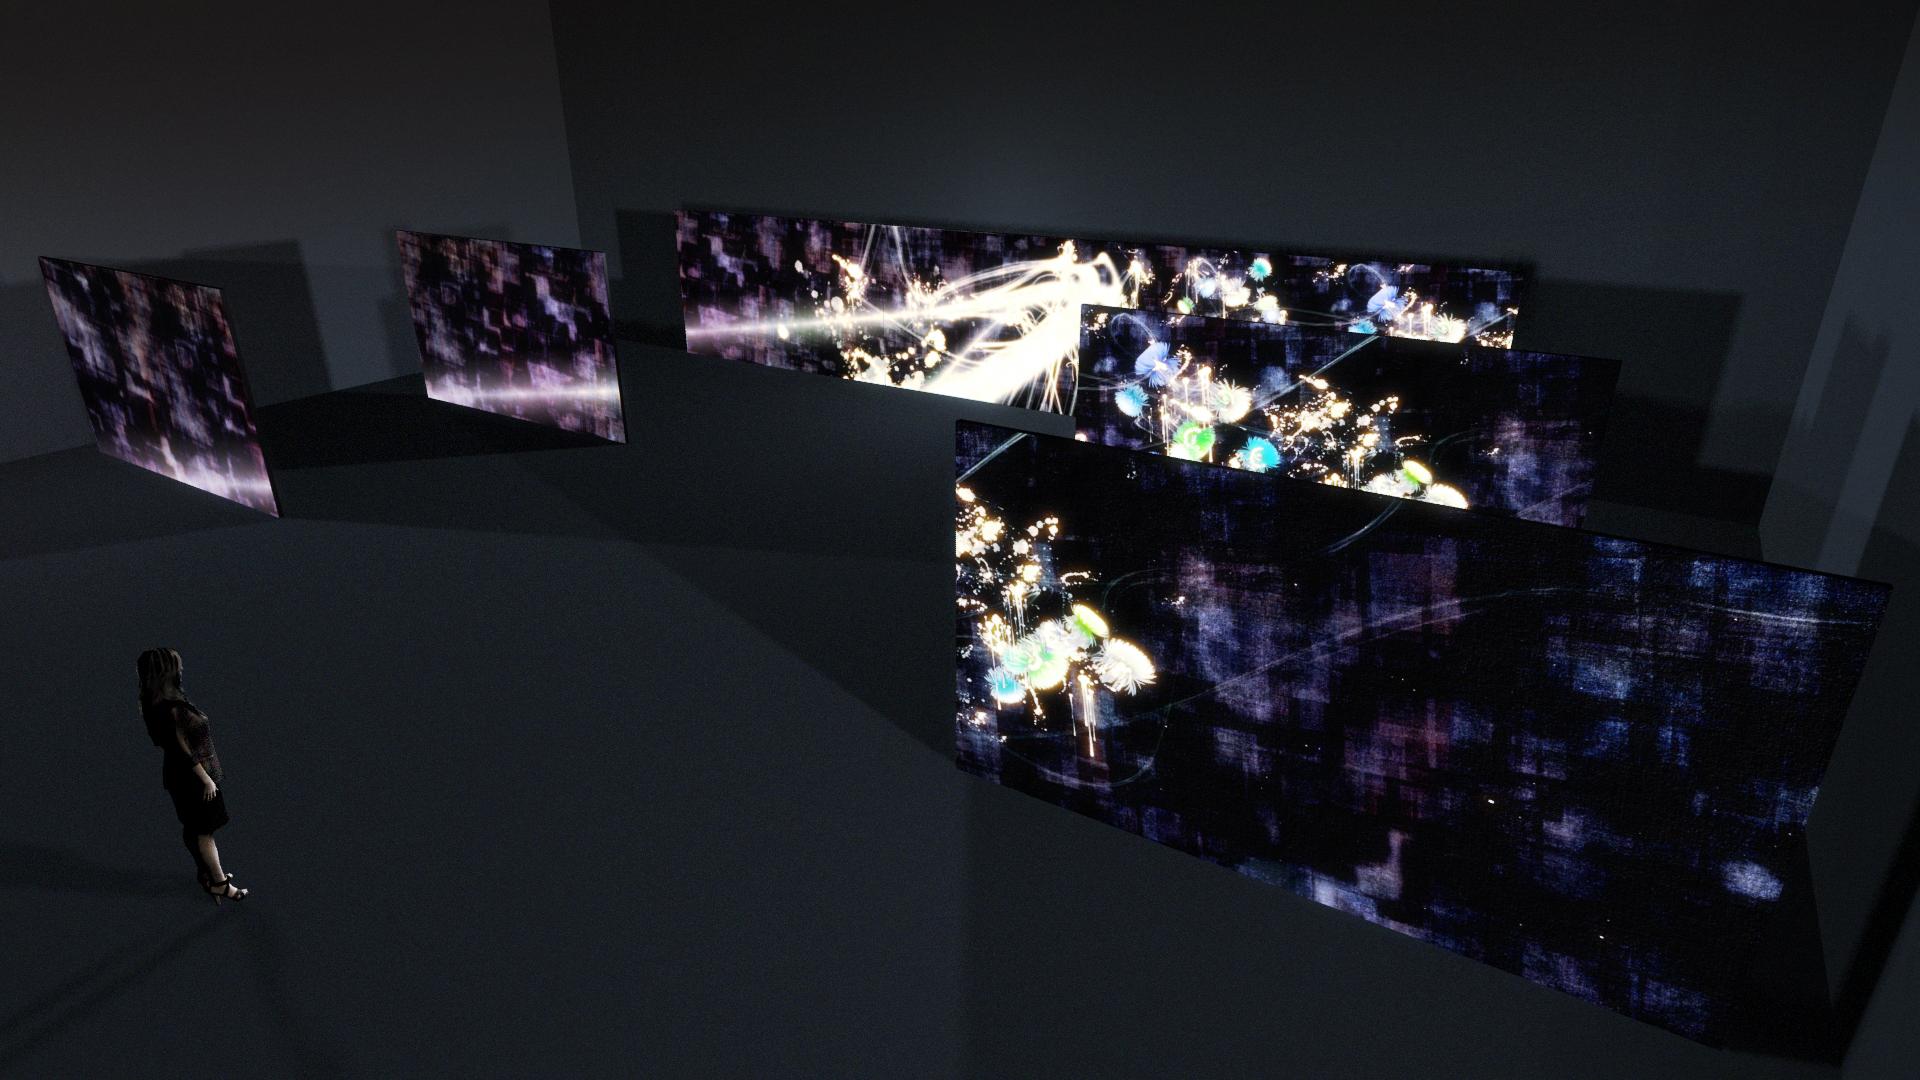 かごしまアートフェスタ2013 :チームラボ「追うカラス、追われるカラスも追うカラス、そして分割された視点(Light in the Dark)」